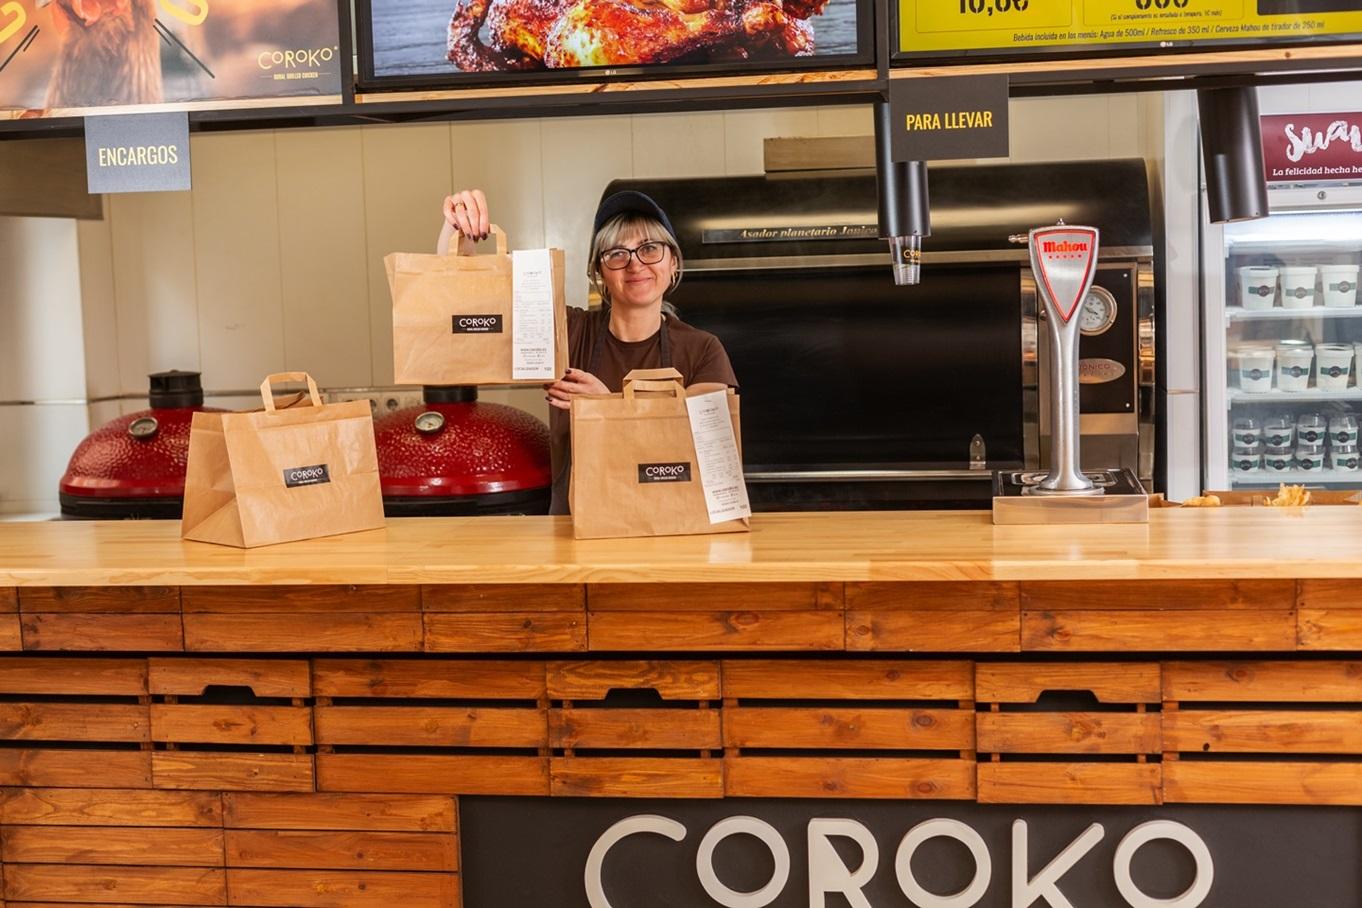 Coroko, restaurante pollos a l'ast en Gandia. Para llevar o comer. Barato